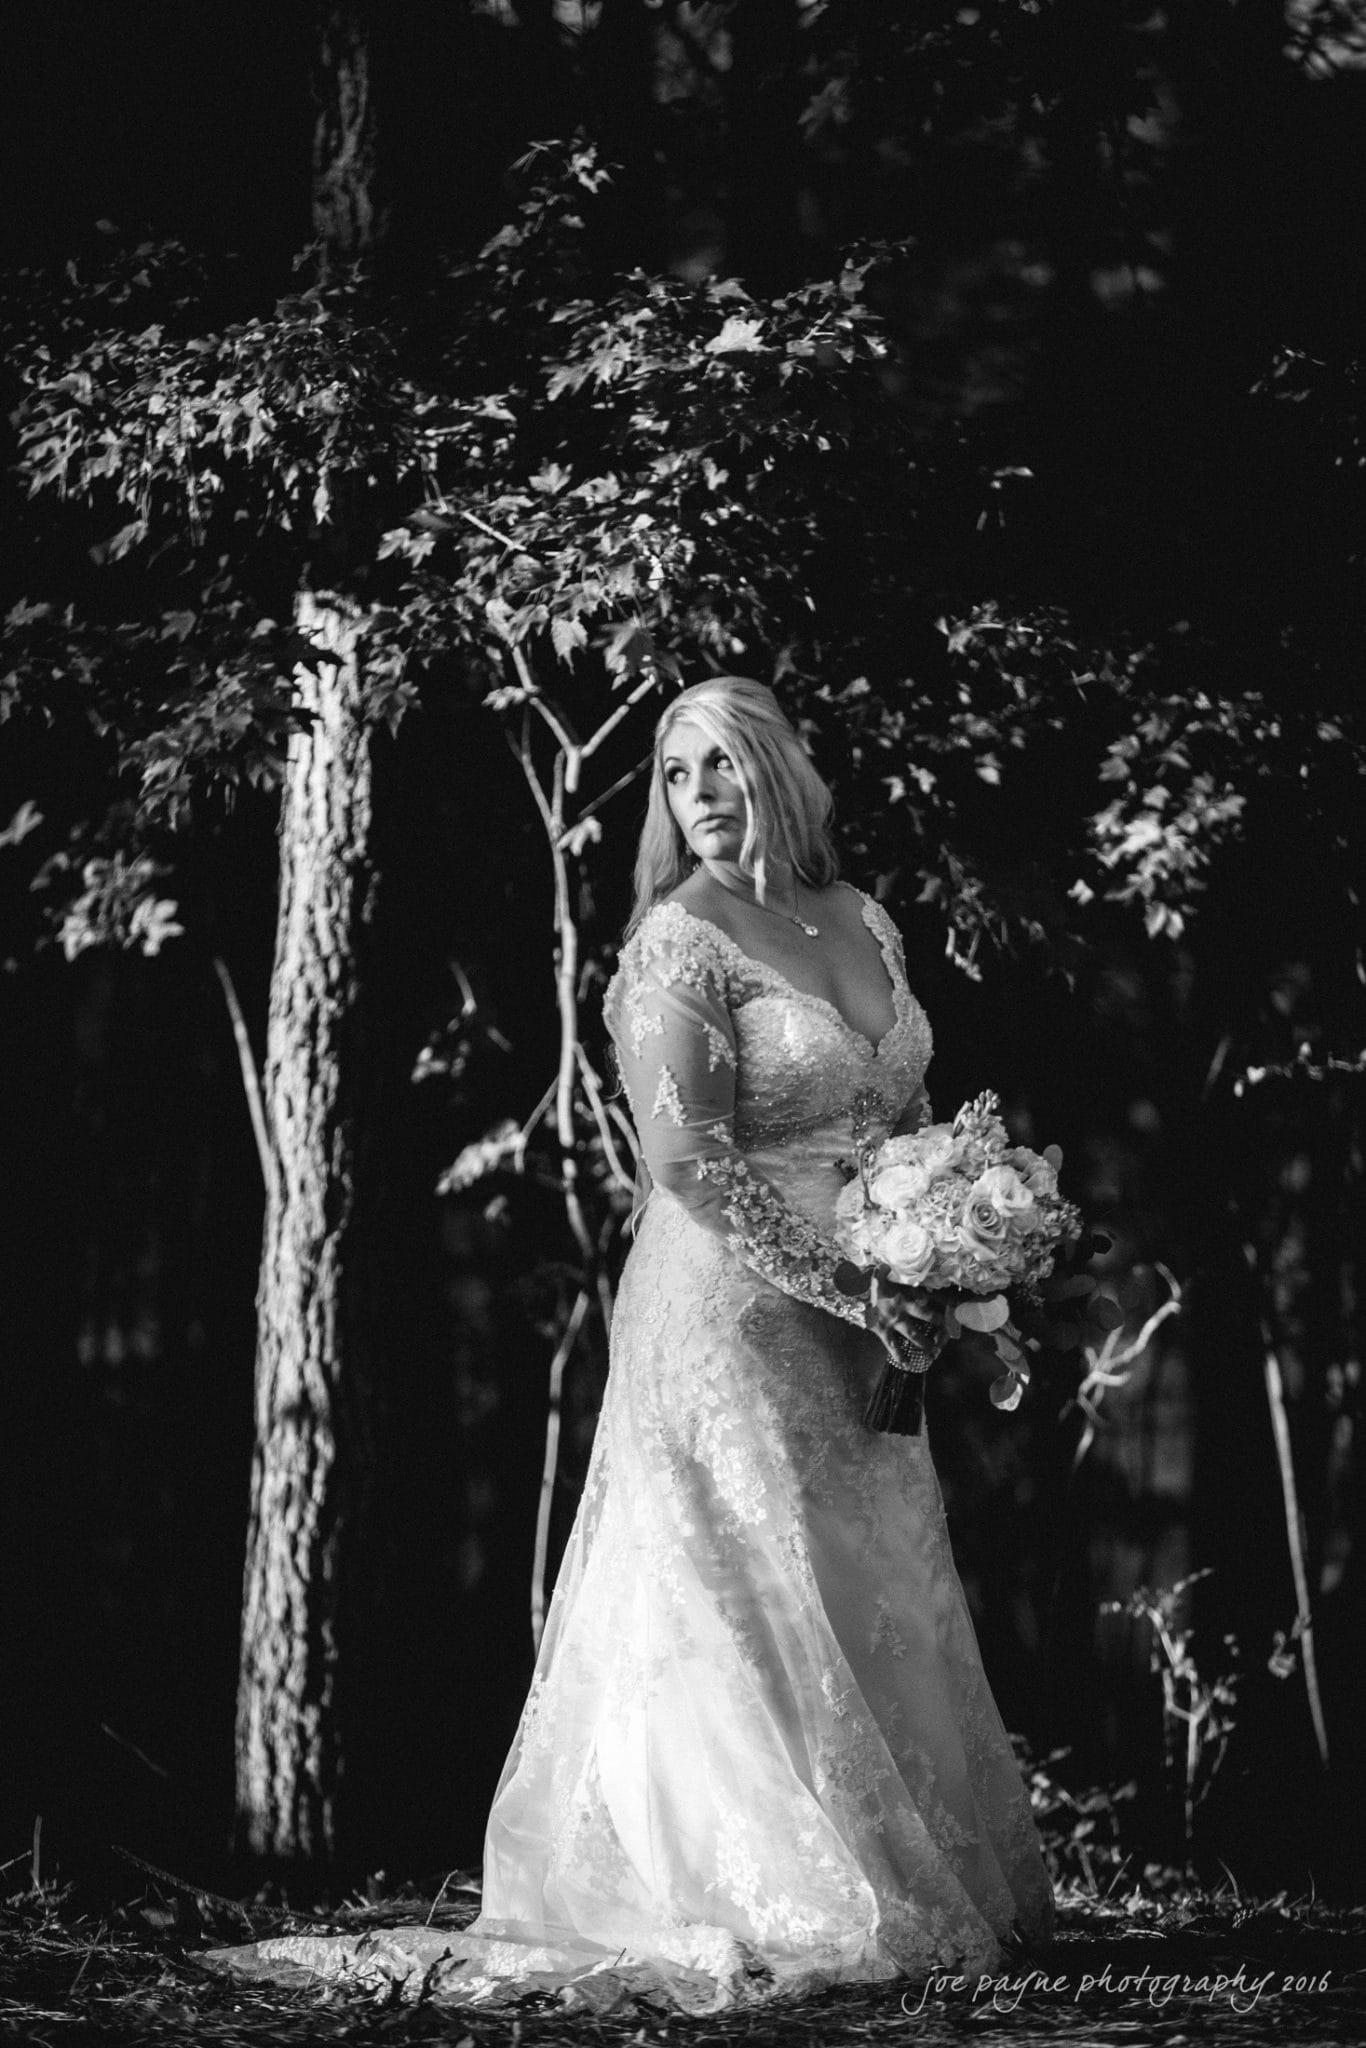 shady-wagon-farm-wedding-photography-danielle-josh-40